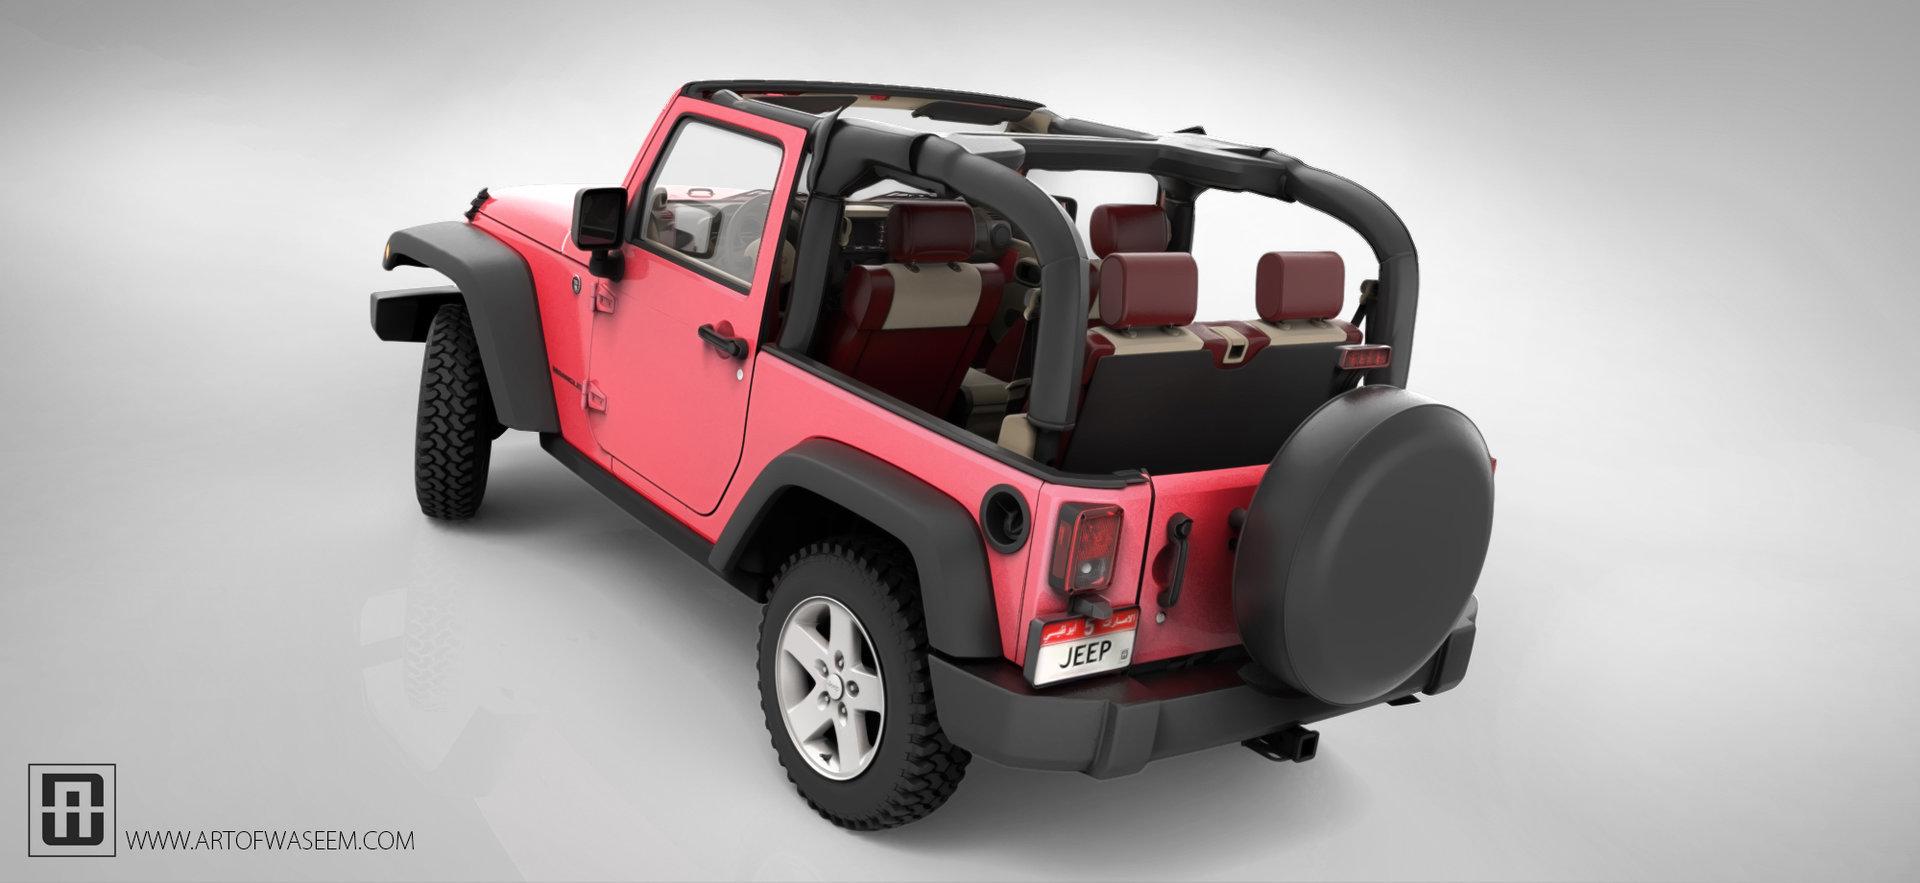 Muhammad waseem jeep wrangler 4 zpsfb7f3d85